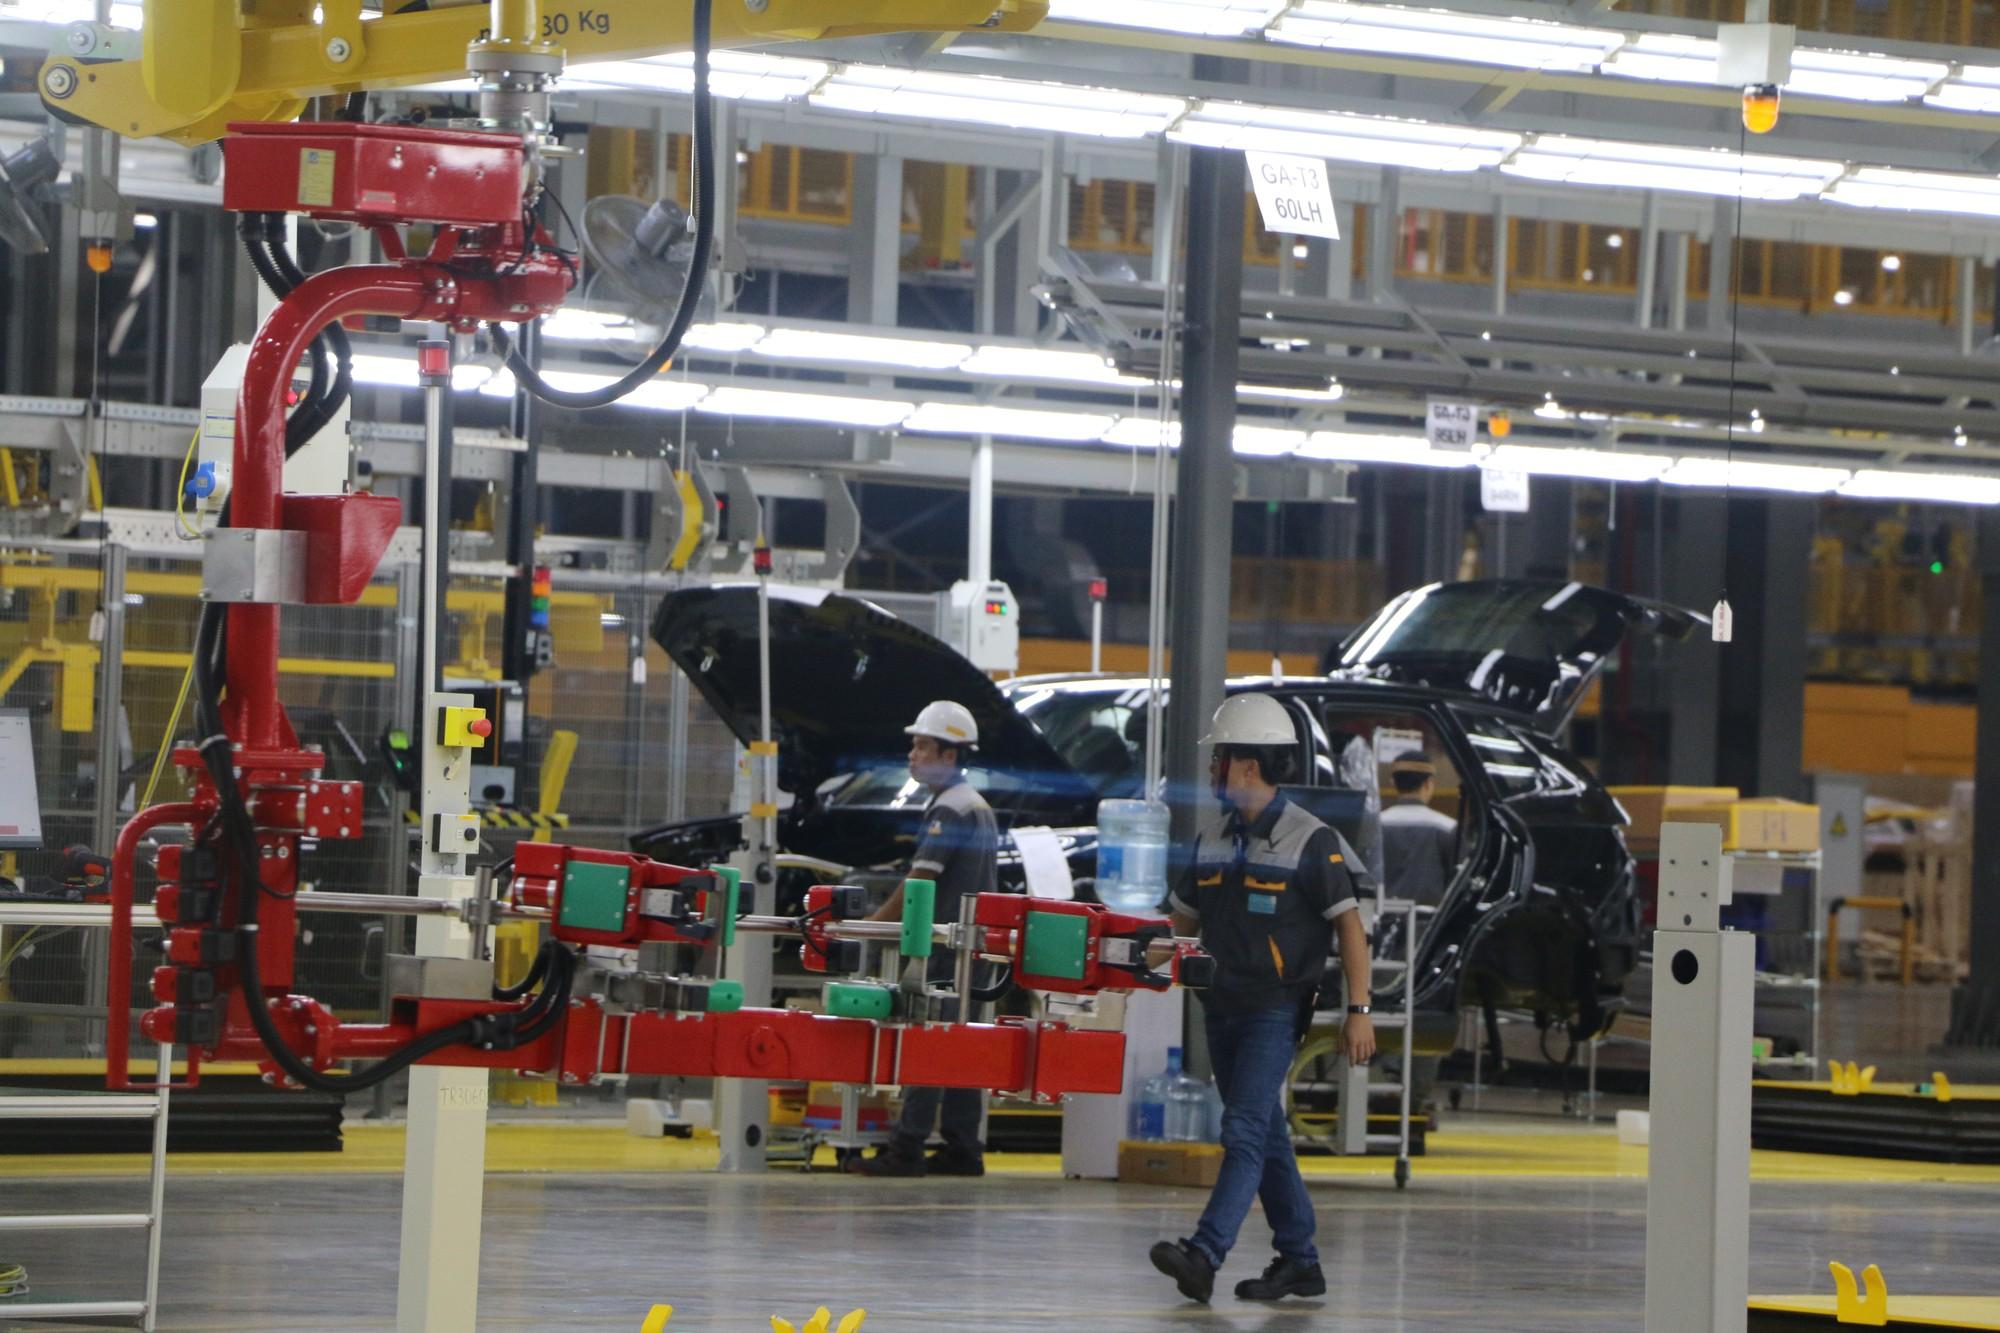 Xem quy trình lắp ráp ôtô VinFast trước ngày đi vào sản xuất thương mại - Ảnh 12.